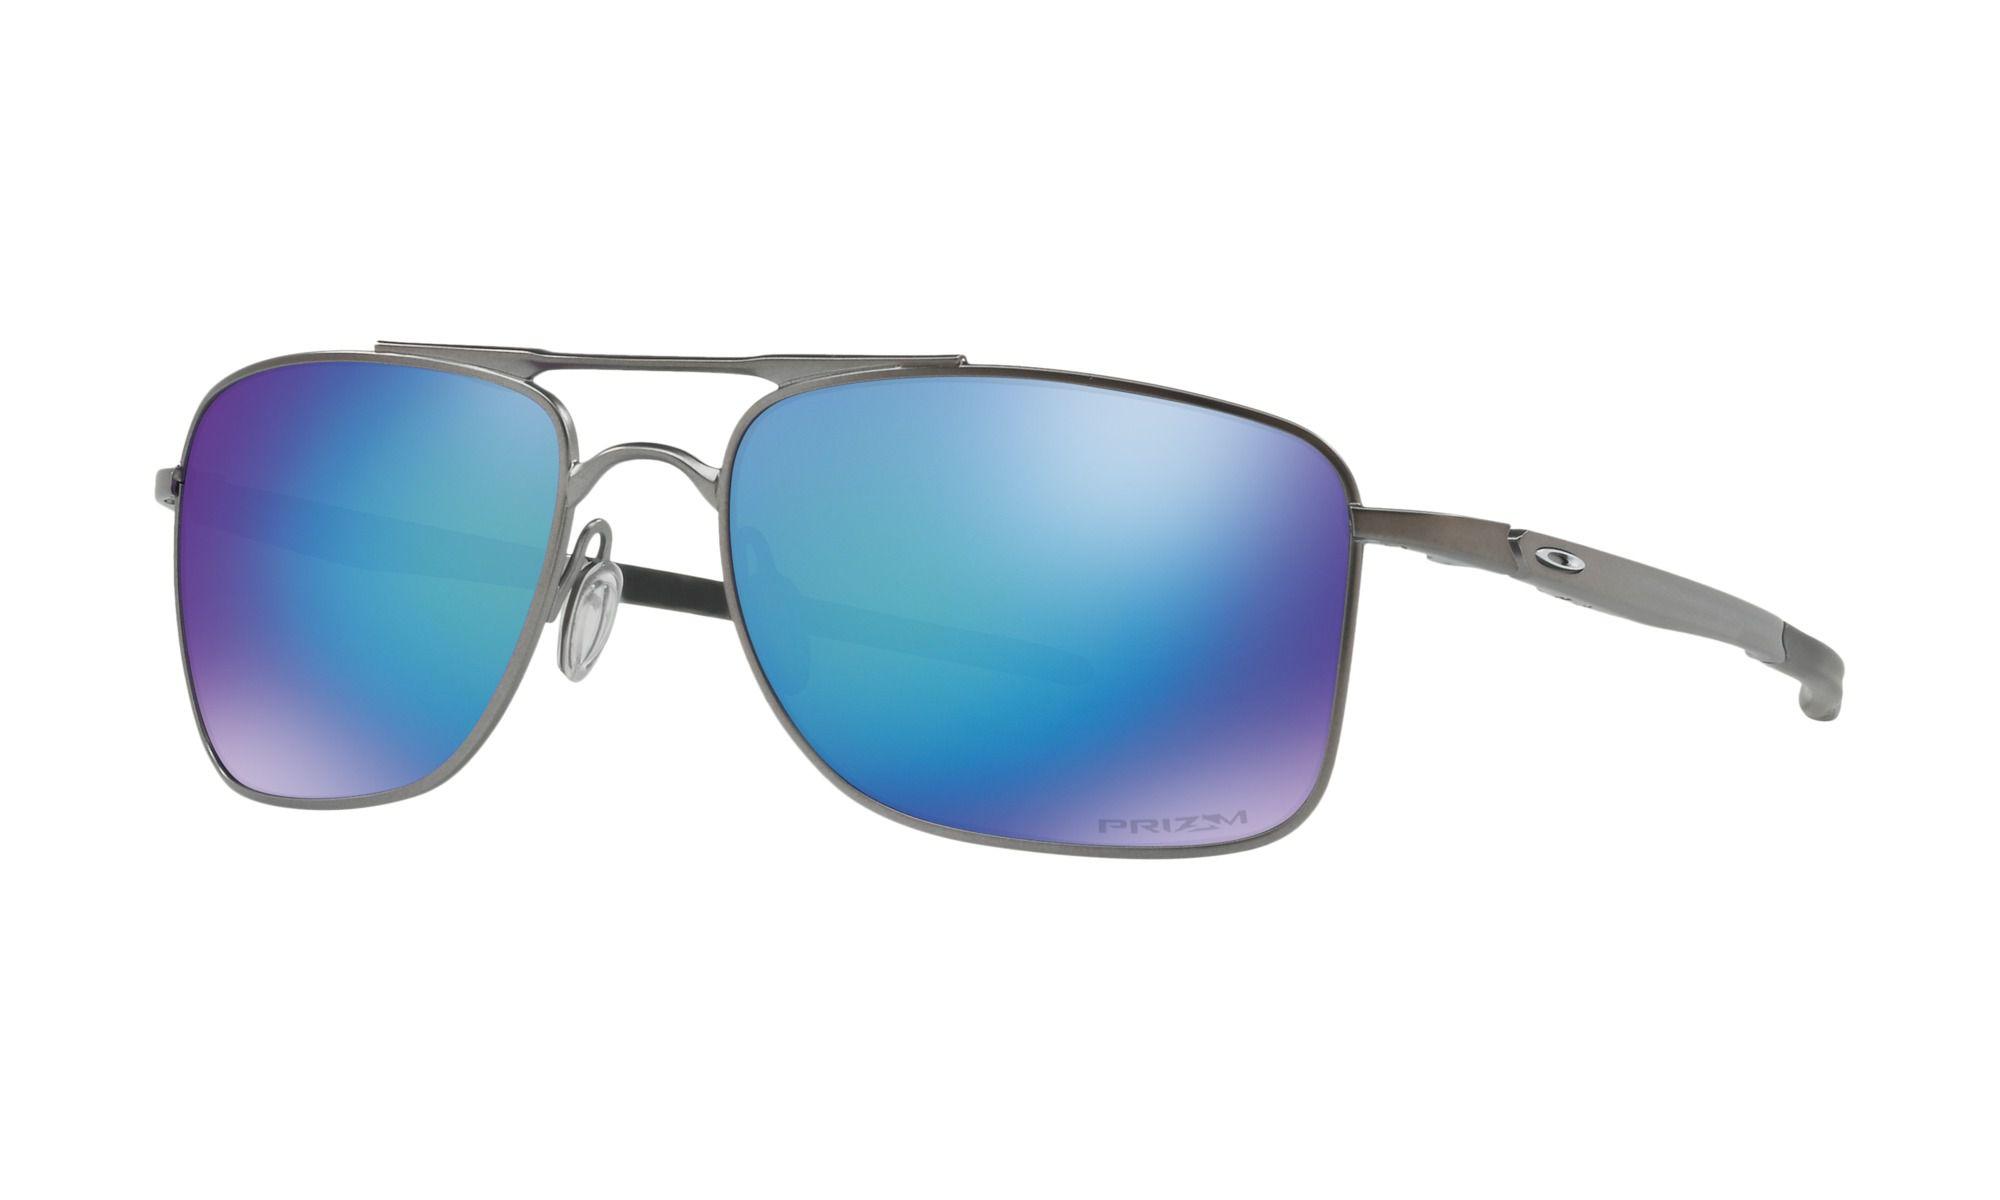 Óculos Oakley Gauge 8 Gun Prizm Saphire Polarizada